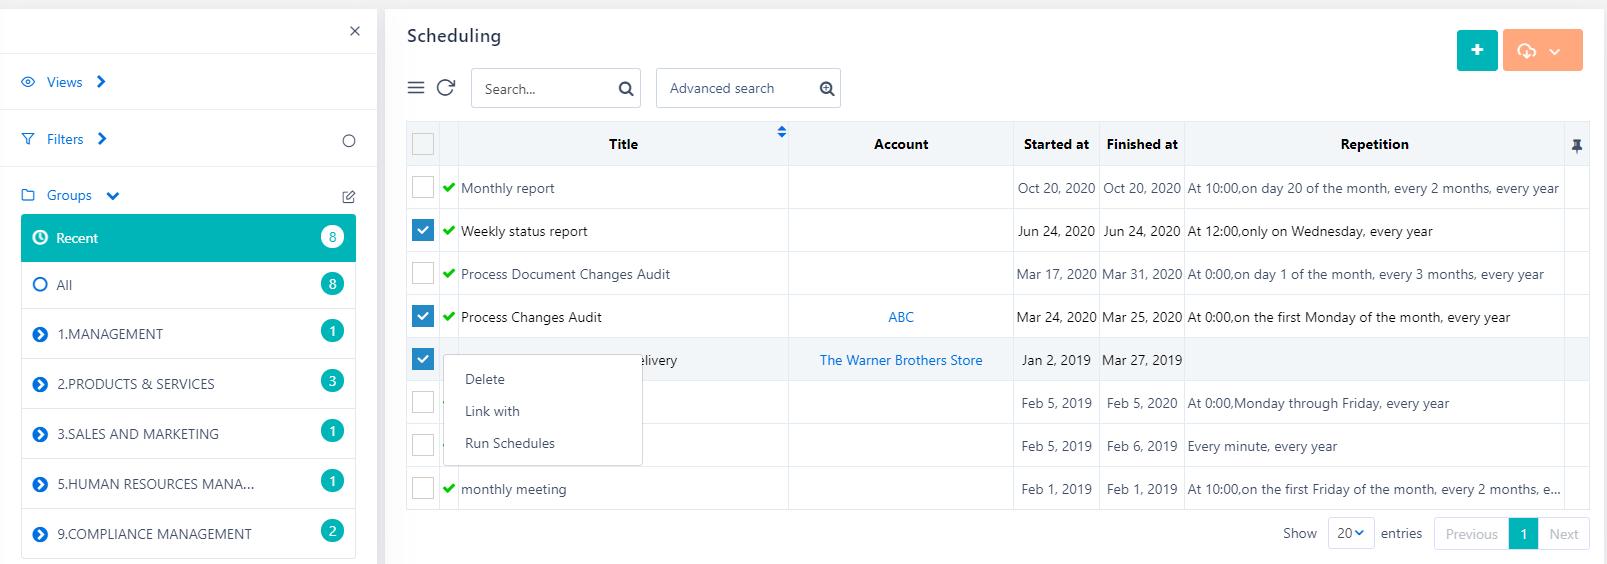 Scheduling actions   Comidor Platform